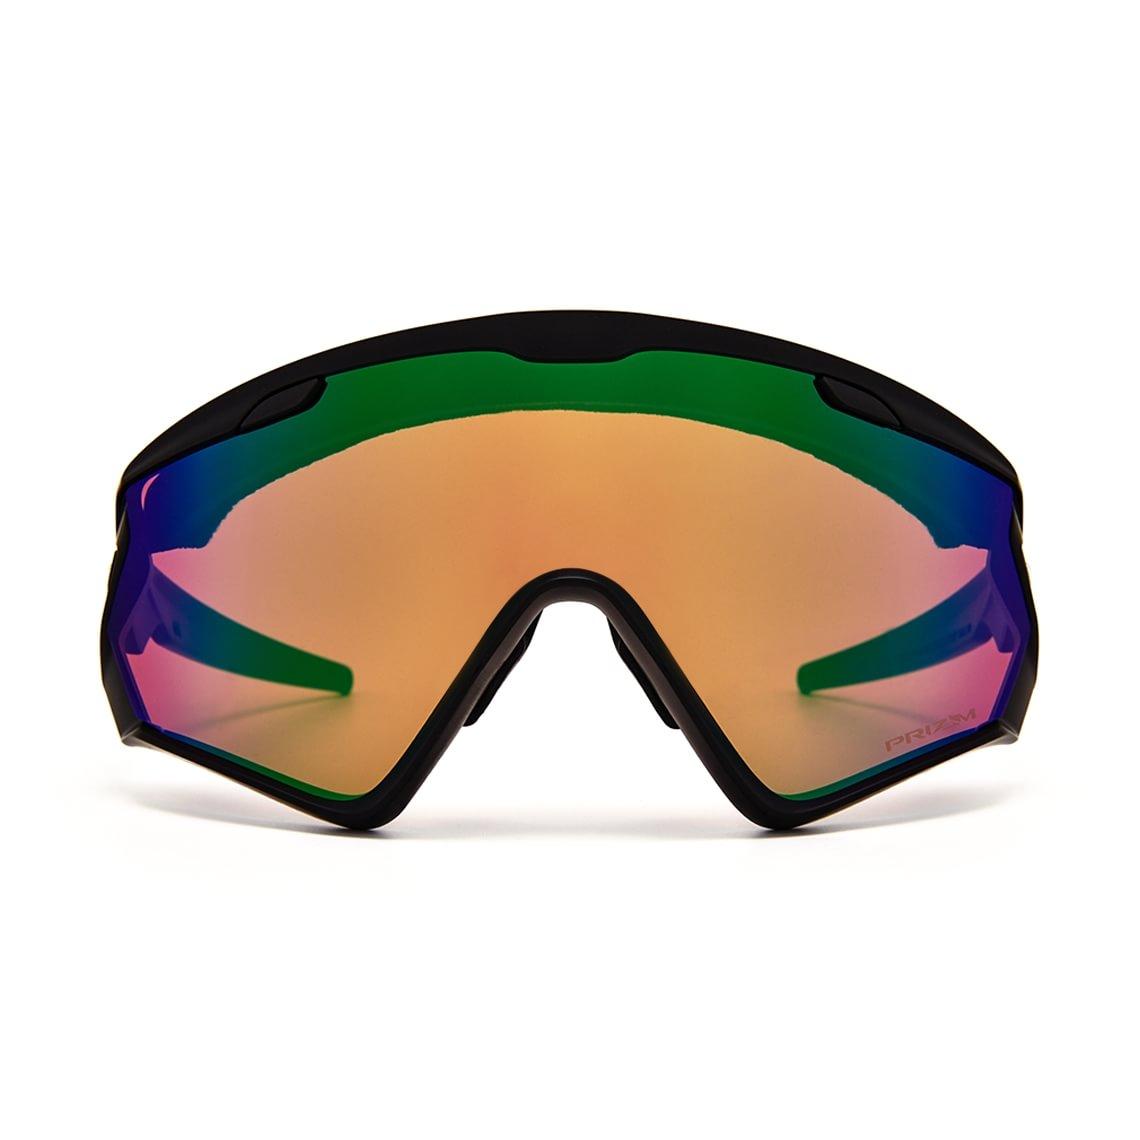 Oakley Wind Jacket 2.0 Prizm Snow Jade Iridium OO7072-01